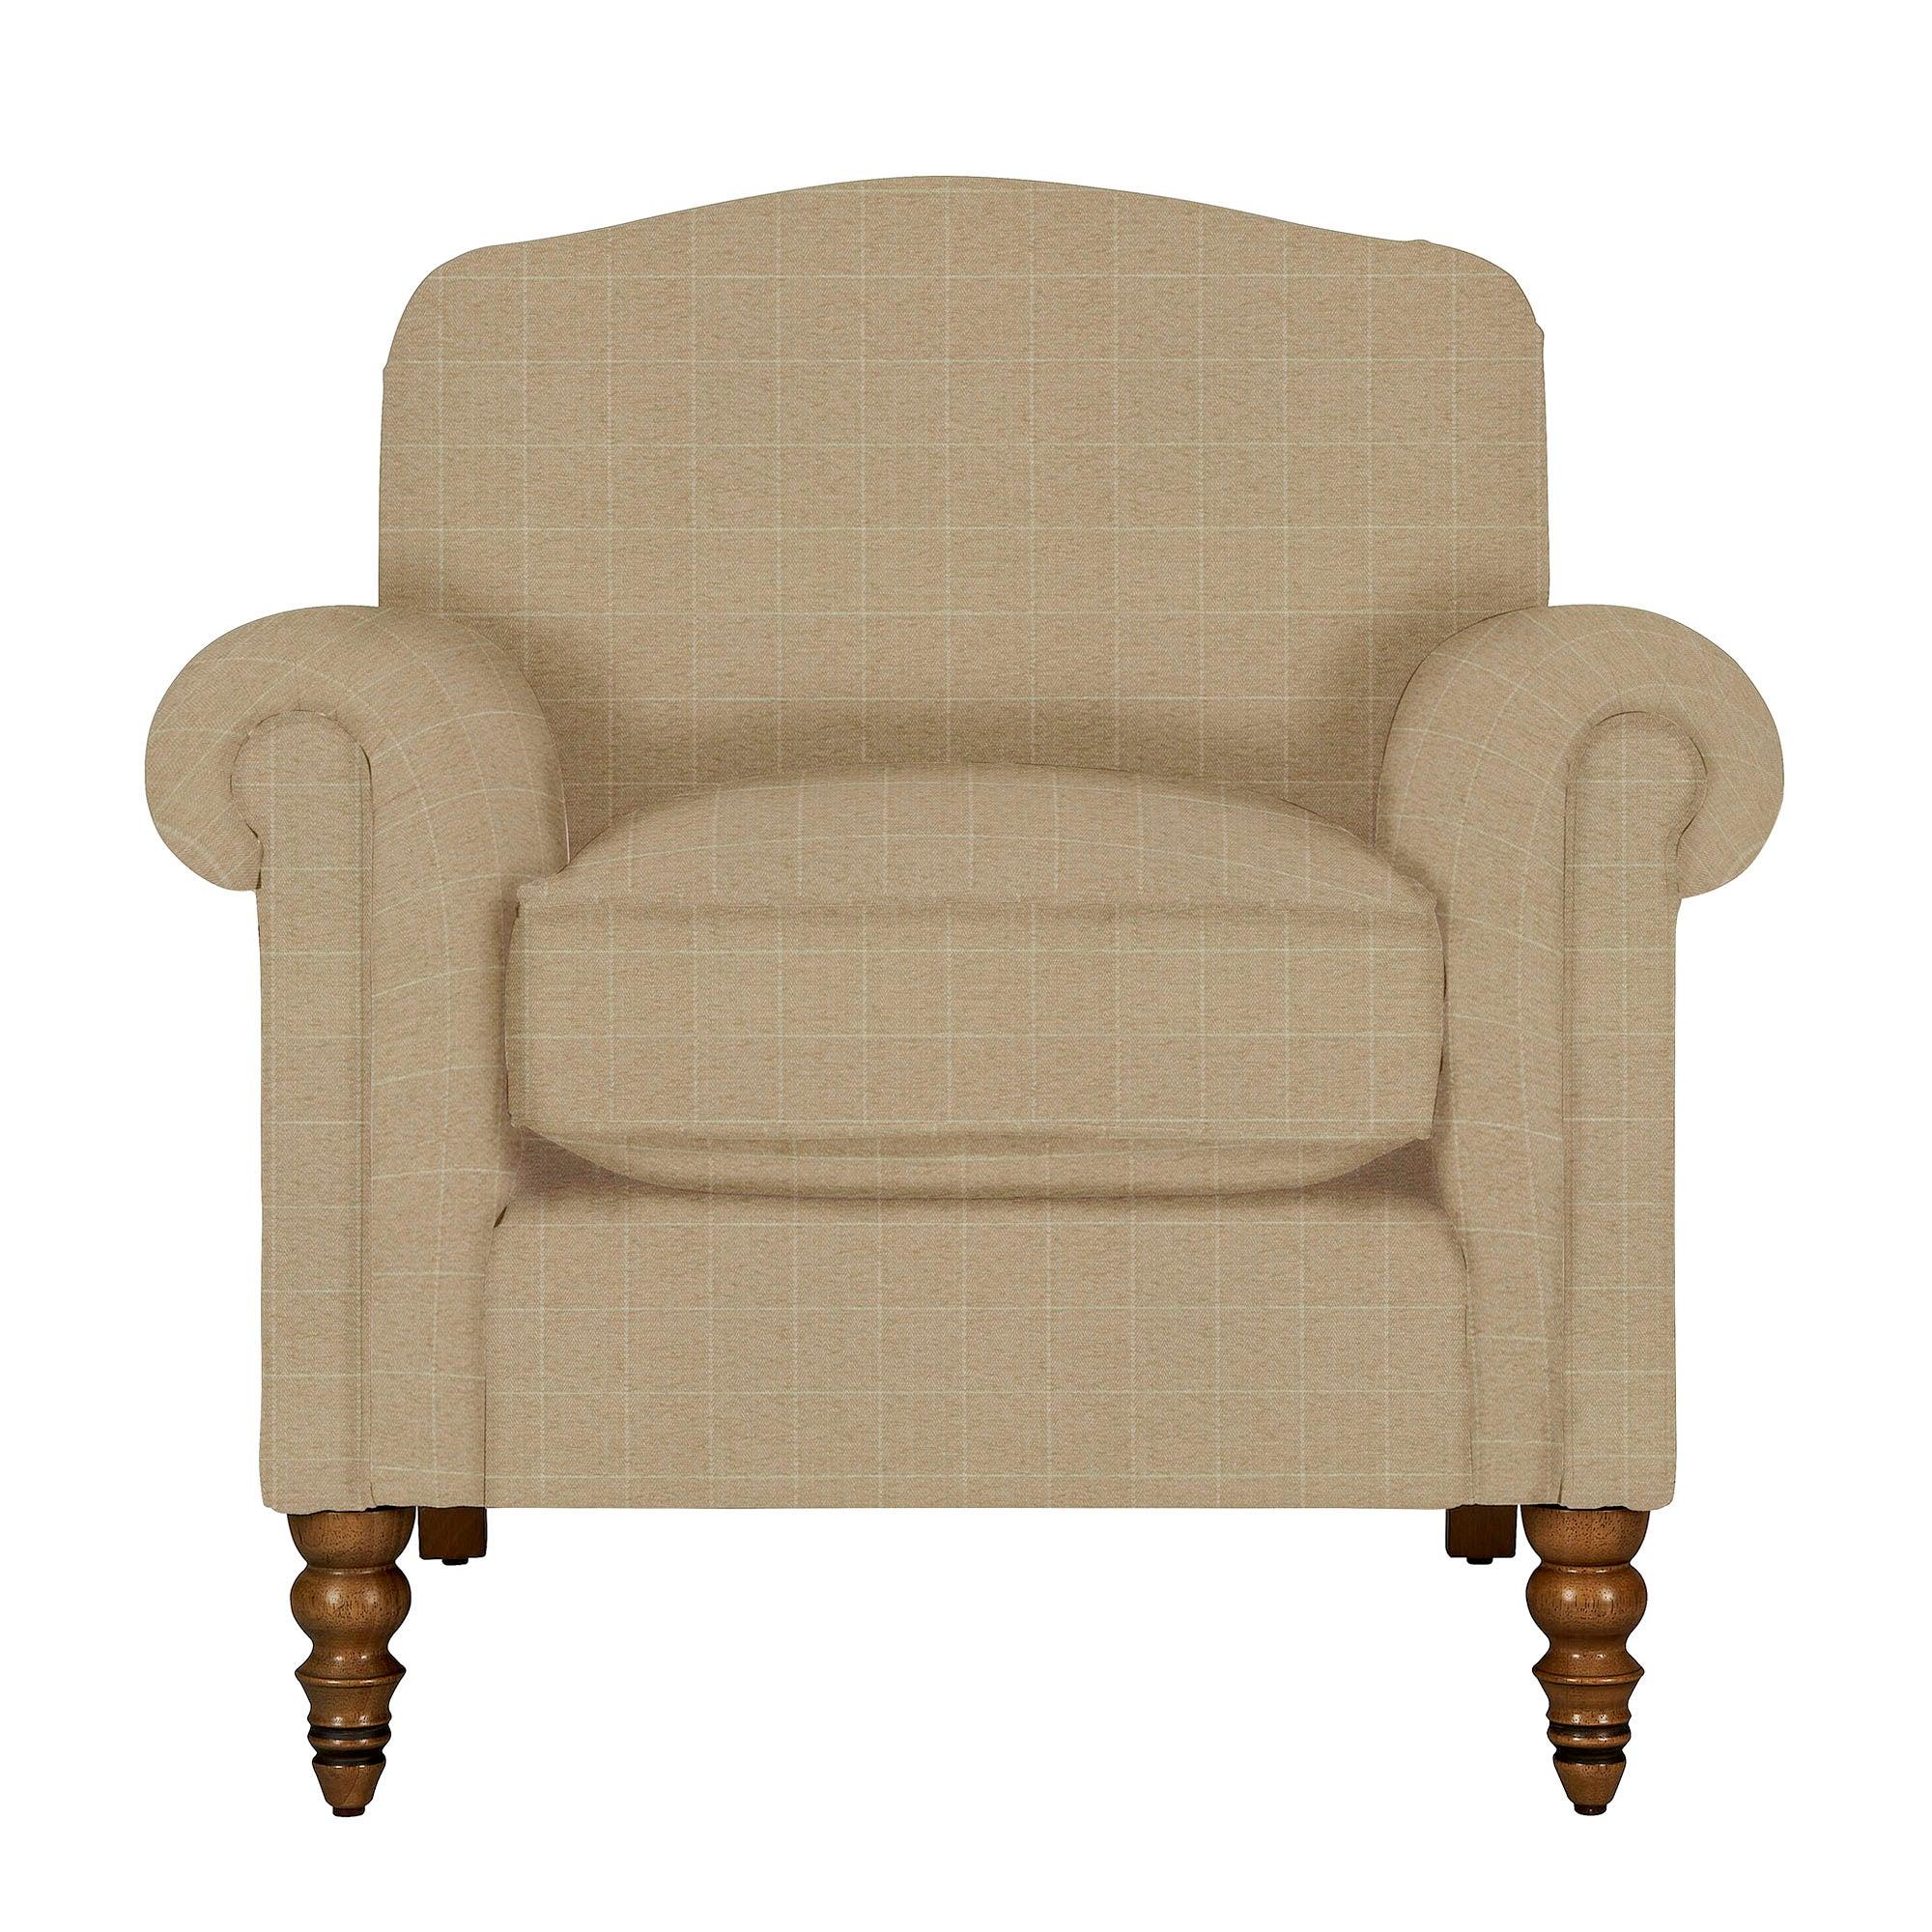 Dorma Abbotsford Chair